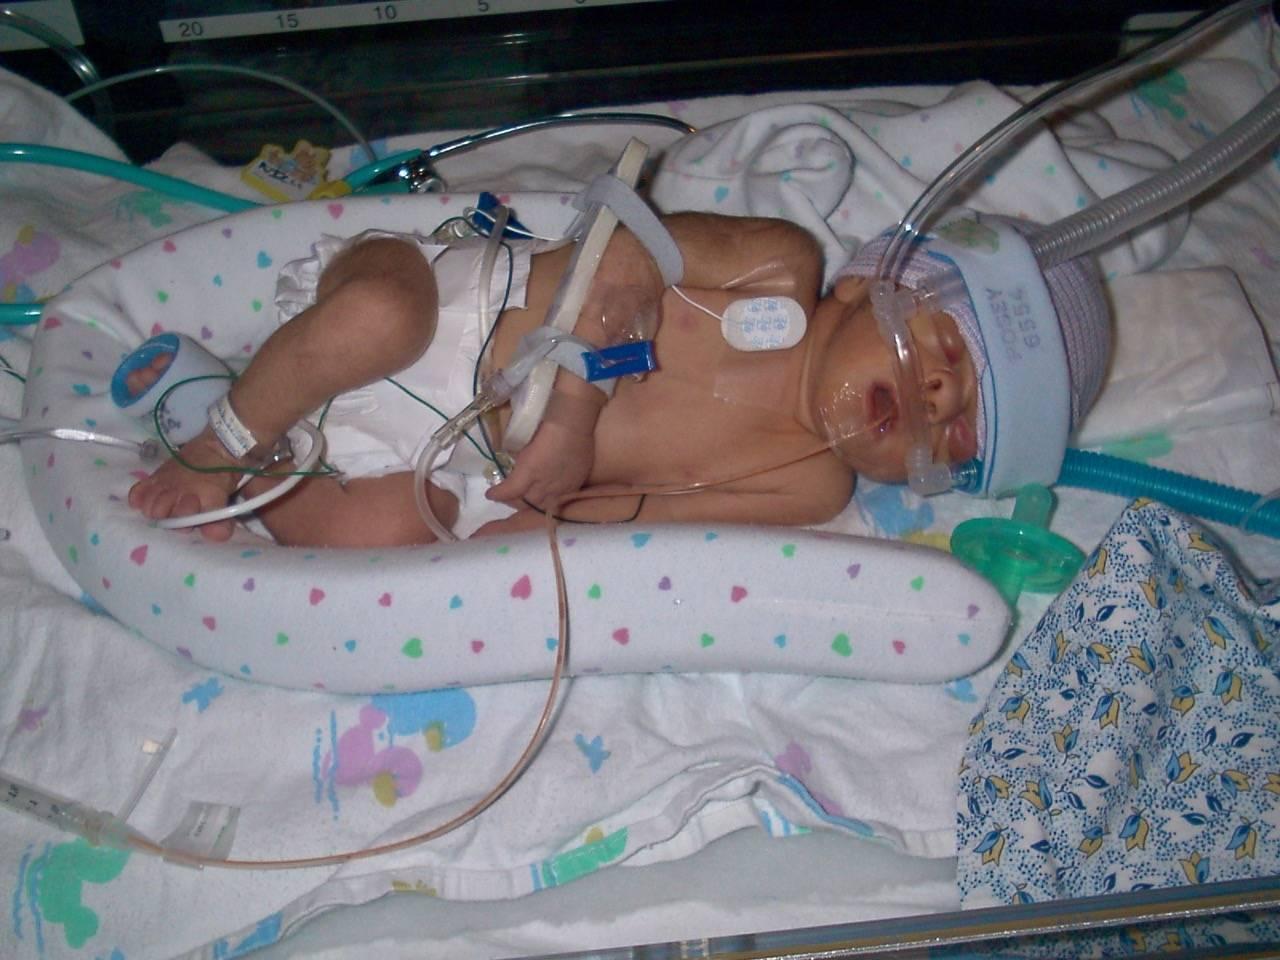 Тяжелая асфиксия новорожденных при родах: реанимация, лечение и последствия